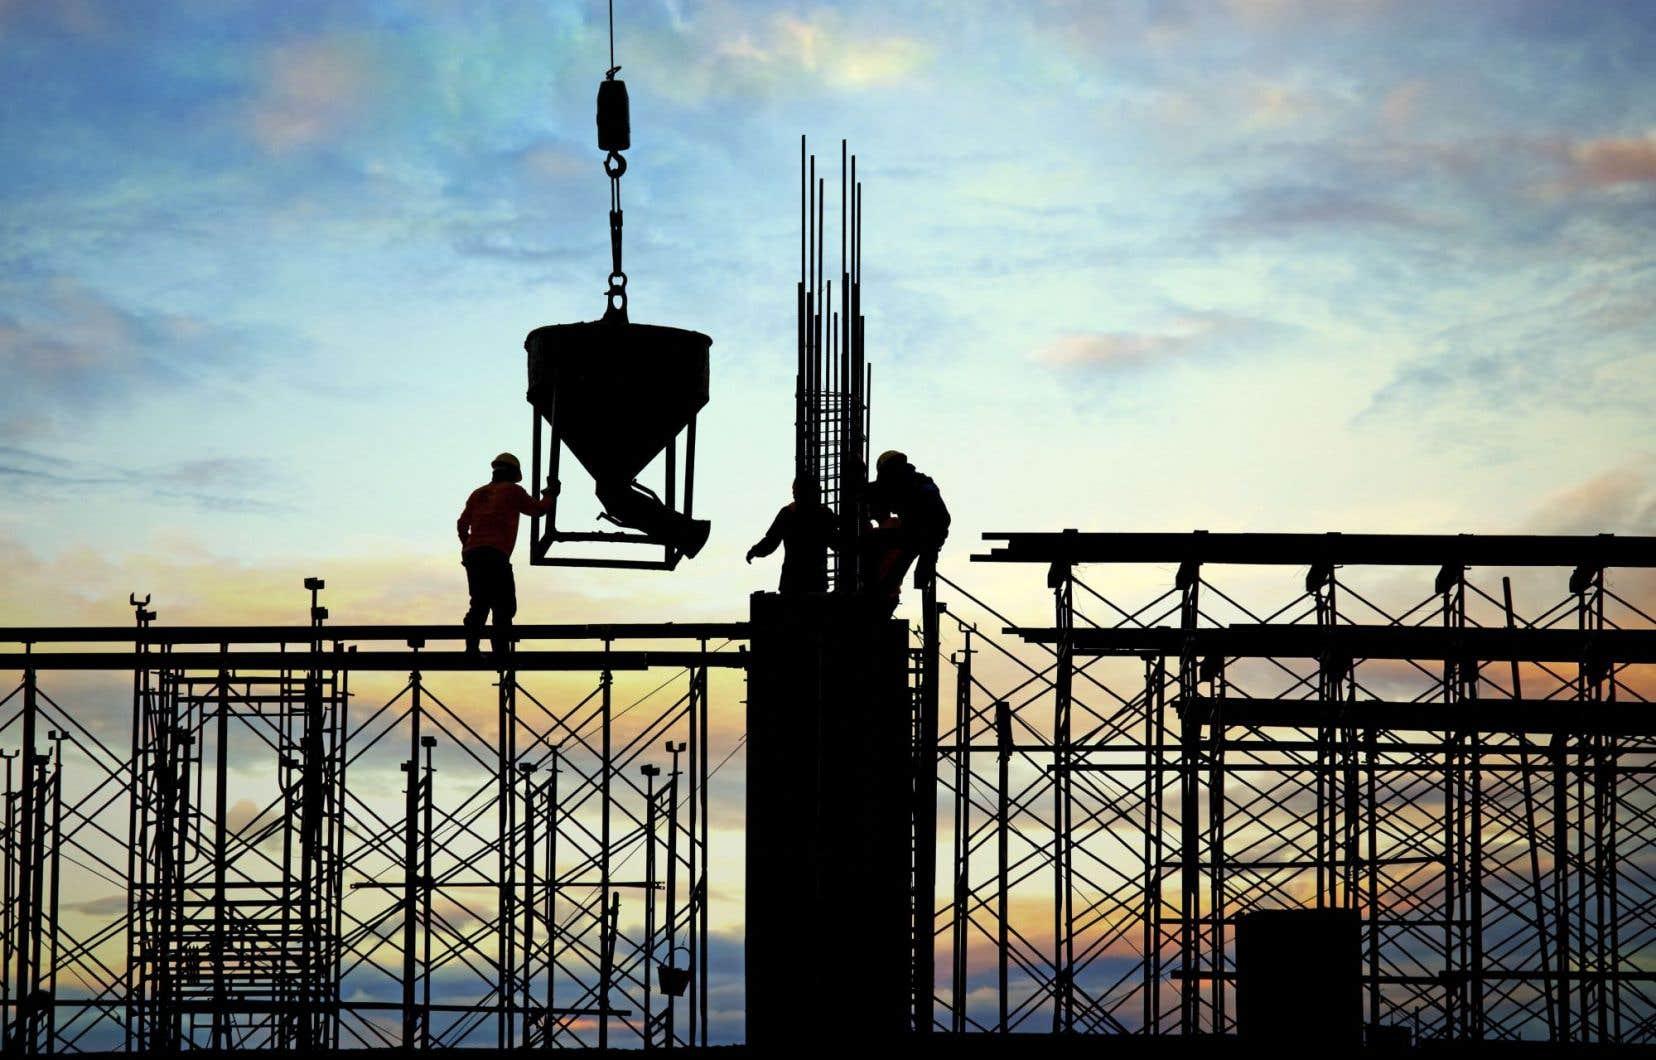 Le chef libéral Justin Trudeau affirme que les investissements en infrastructures stimuleront l'économie, ce que le chef conservateur a été à son avis incapable de faire au cours des dernières années.